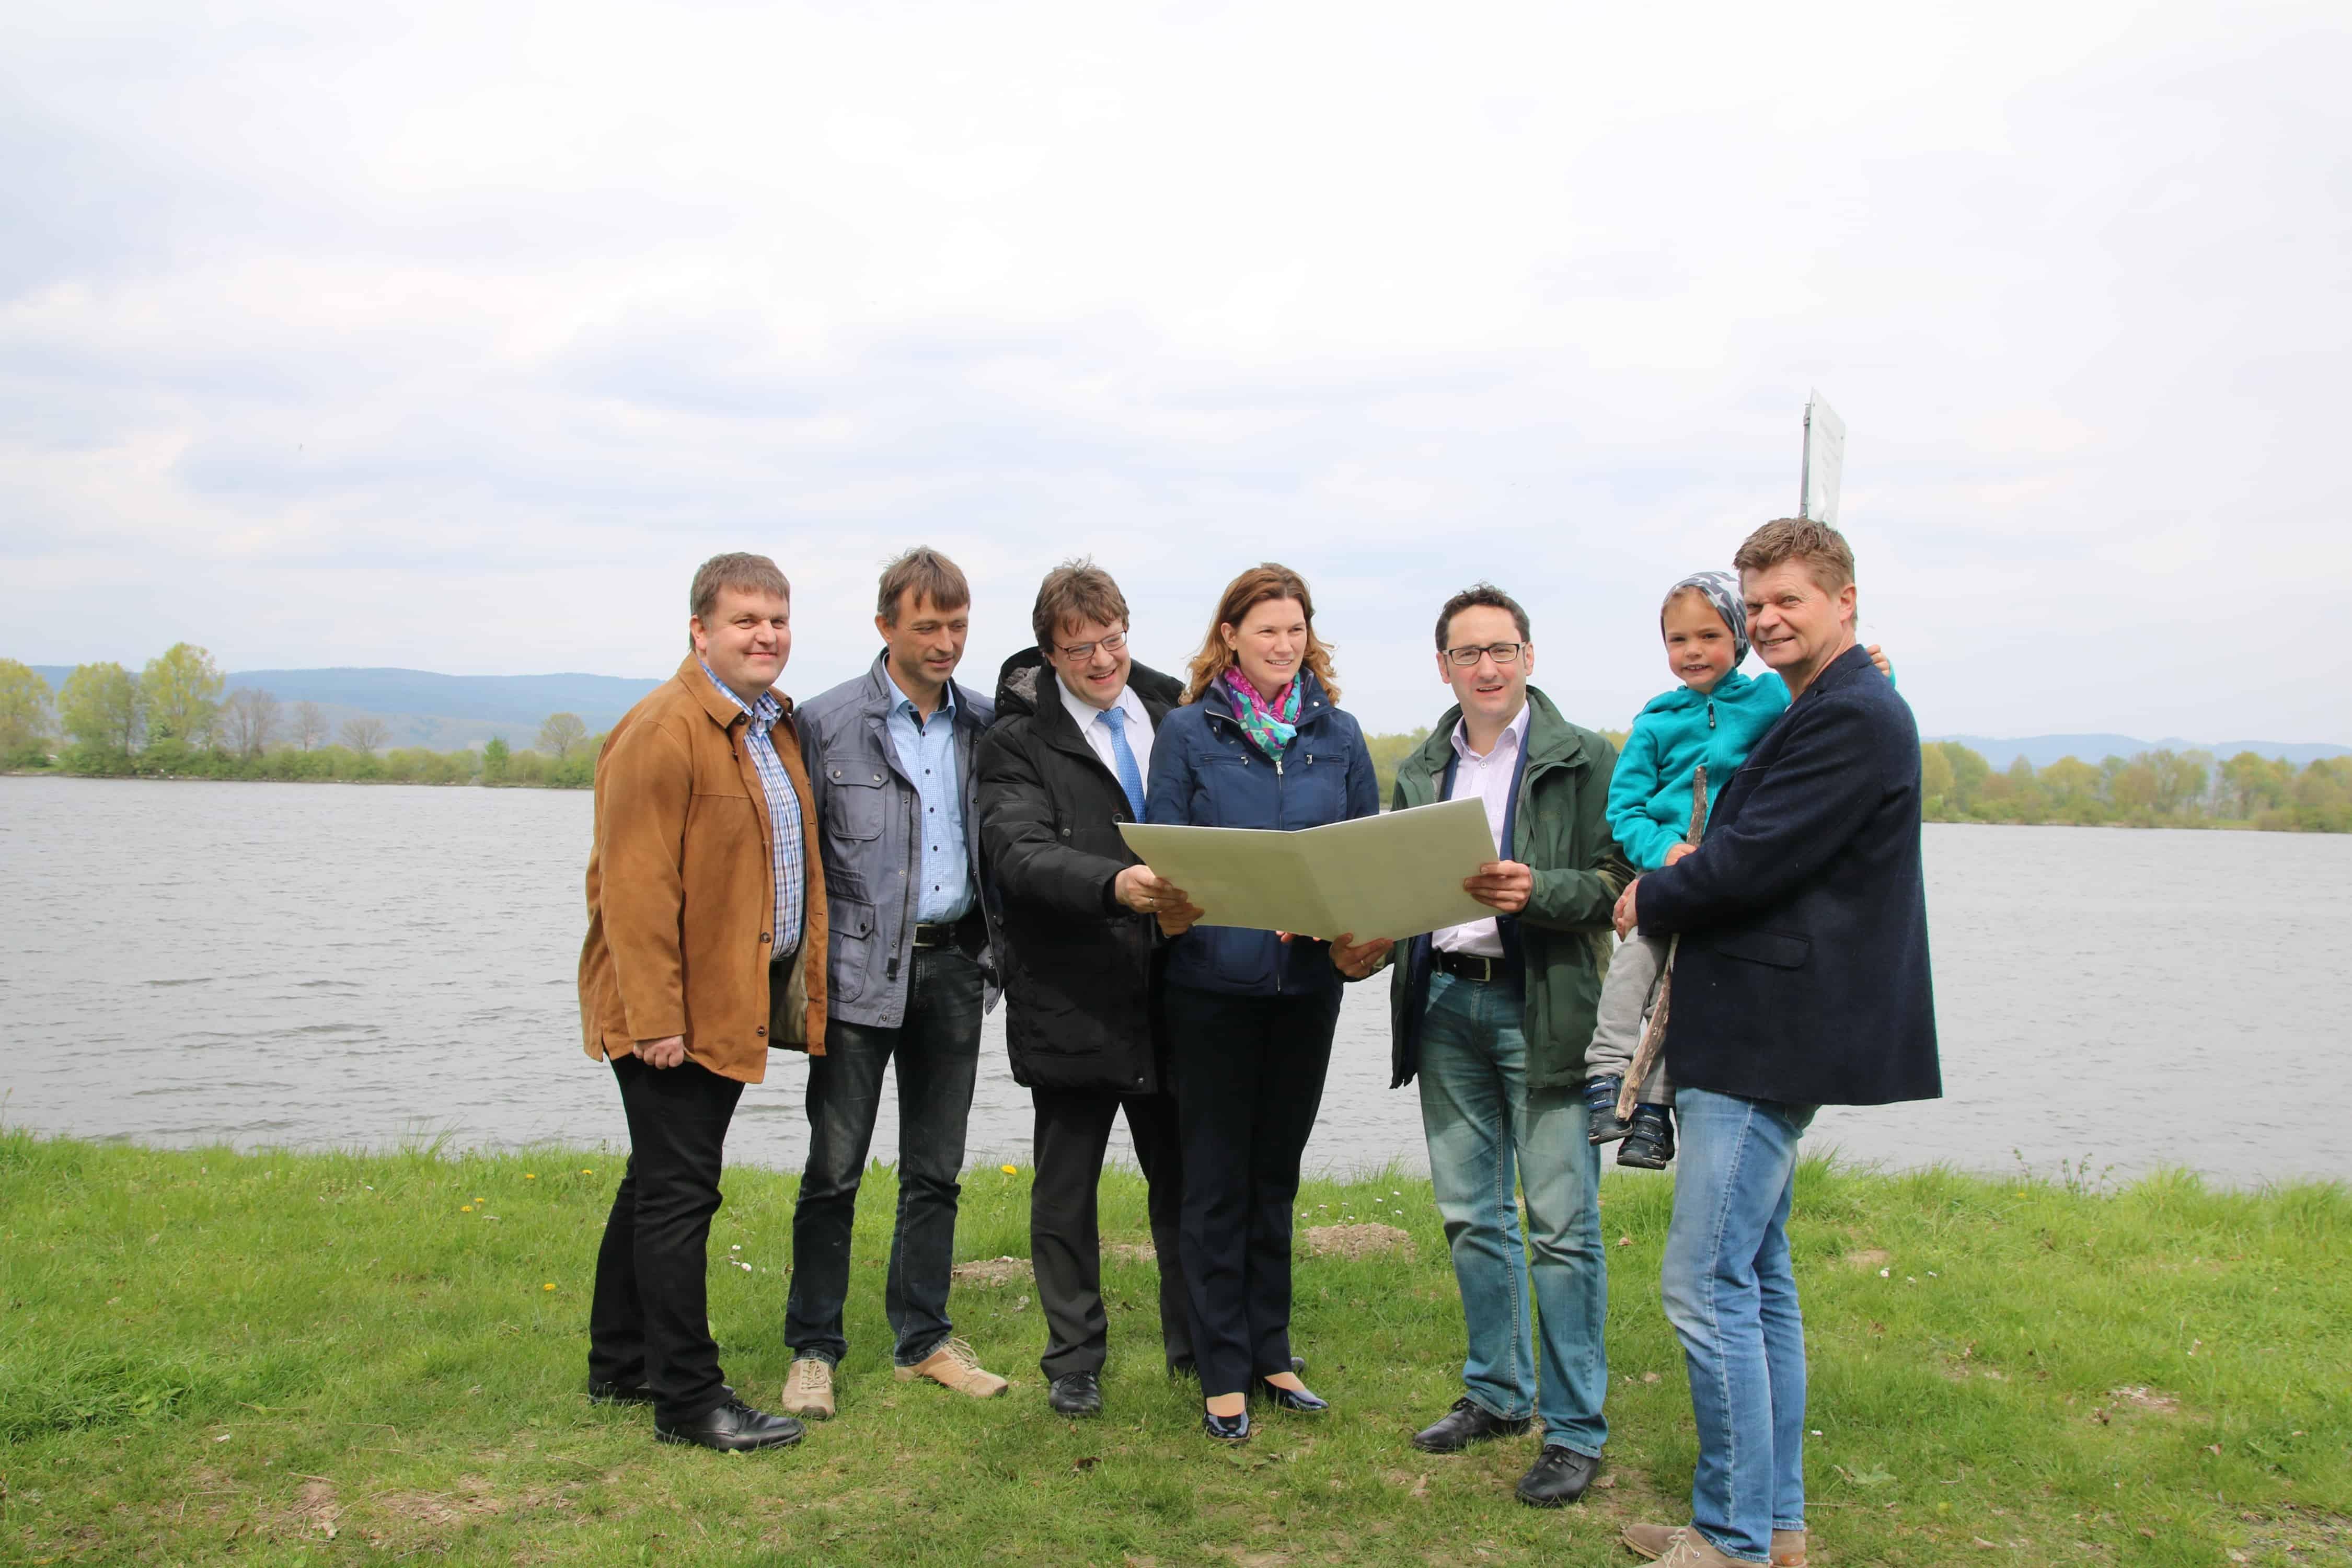 Hochwasserschutz: Nein zu Flutpoldern in Eltheim und Wörthof